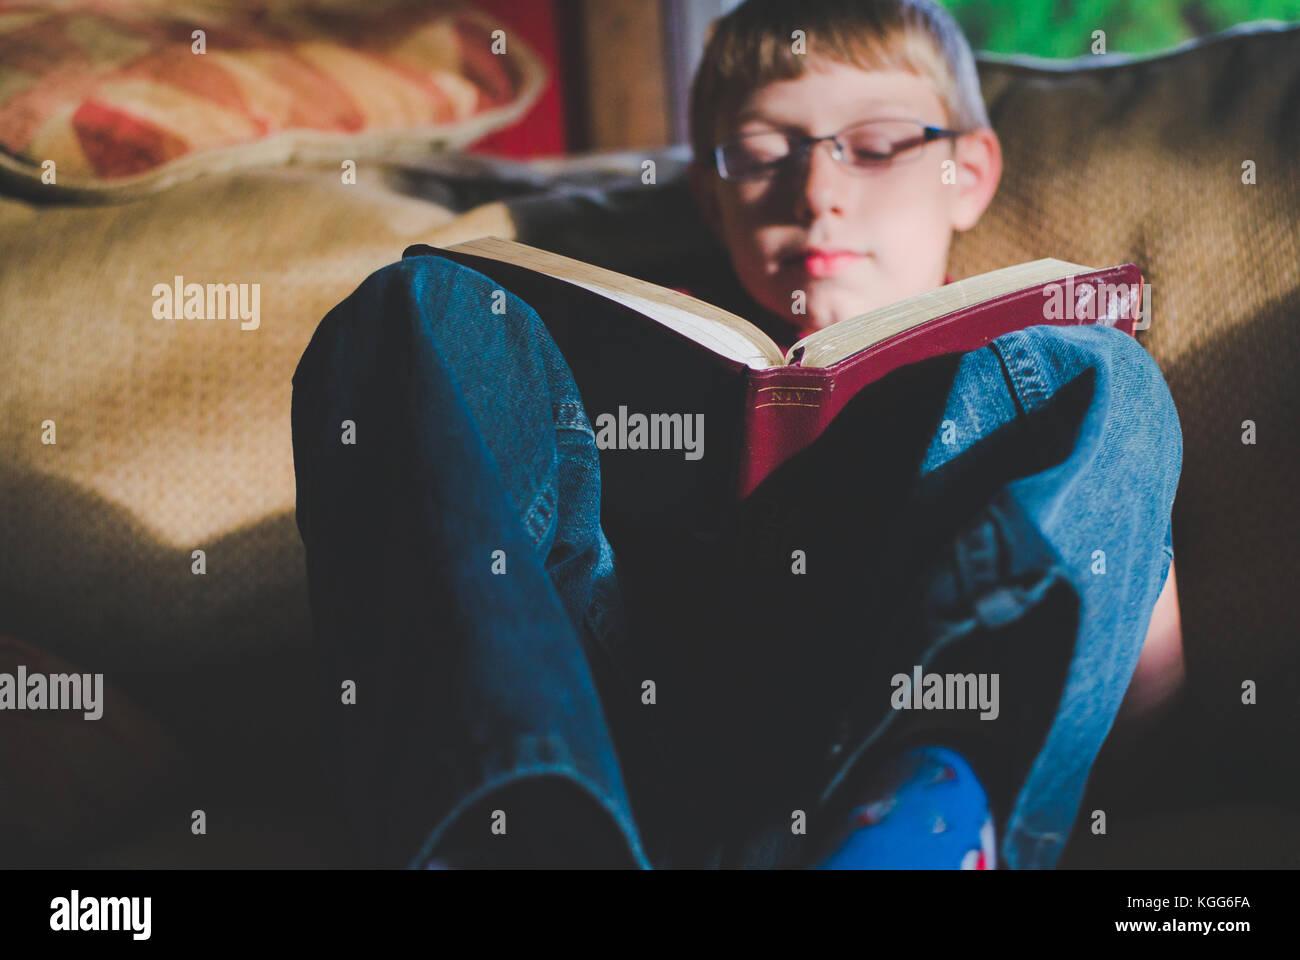 10-11 años de edad leyendo un libro Imagen De Stock